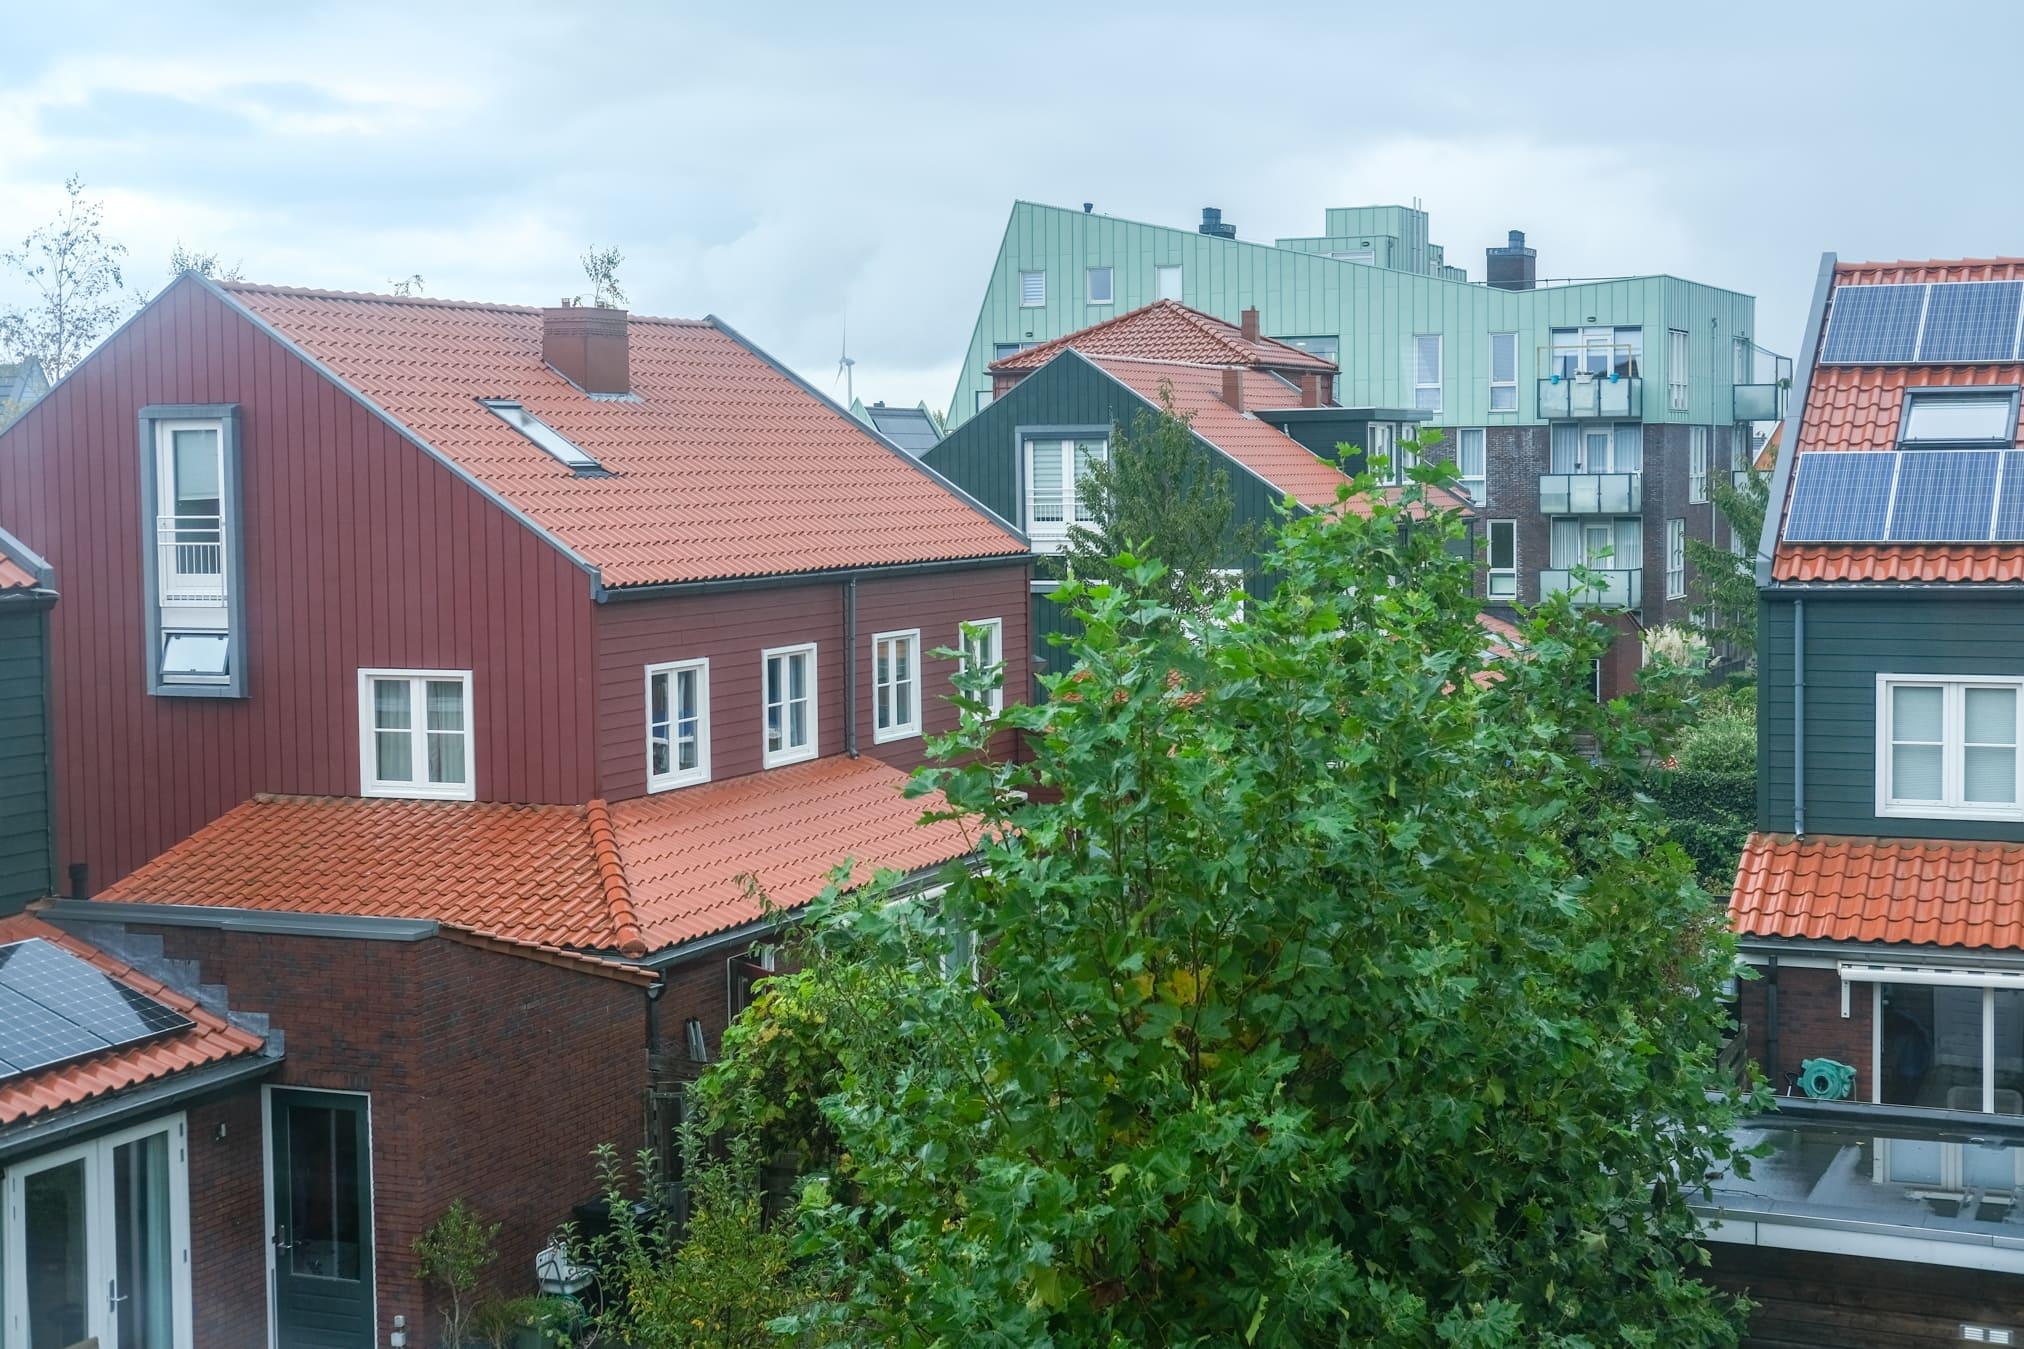 groen dak met zonnepanelen